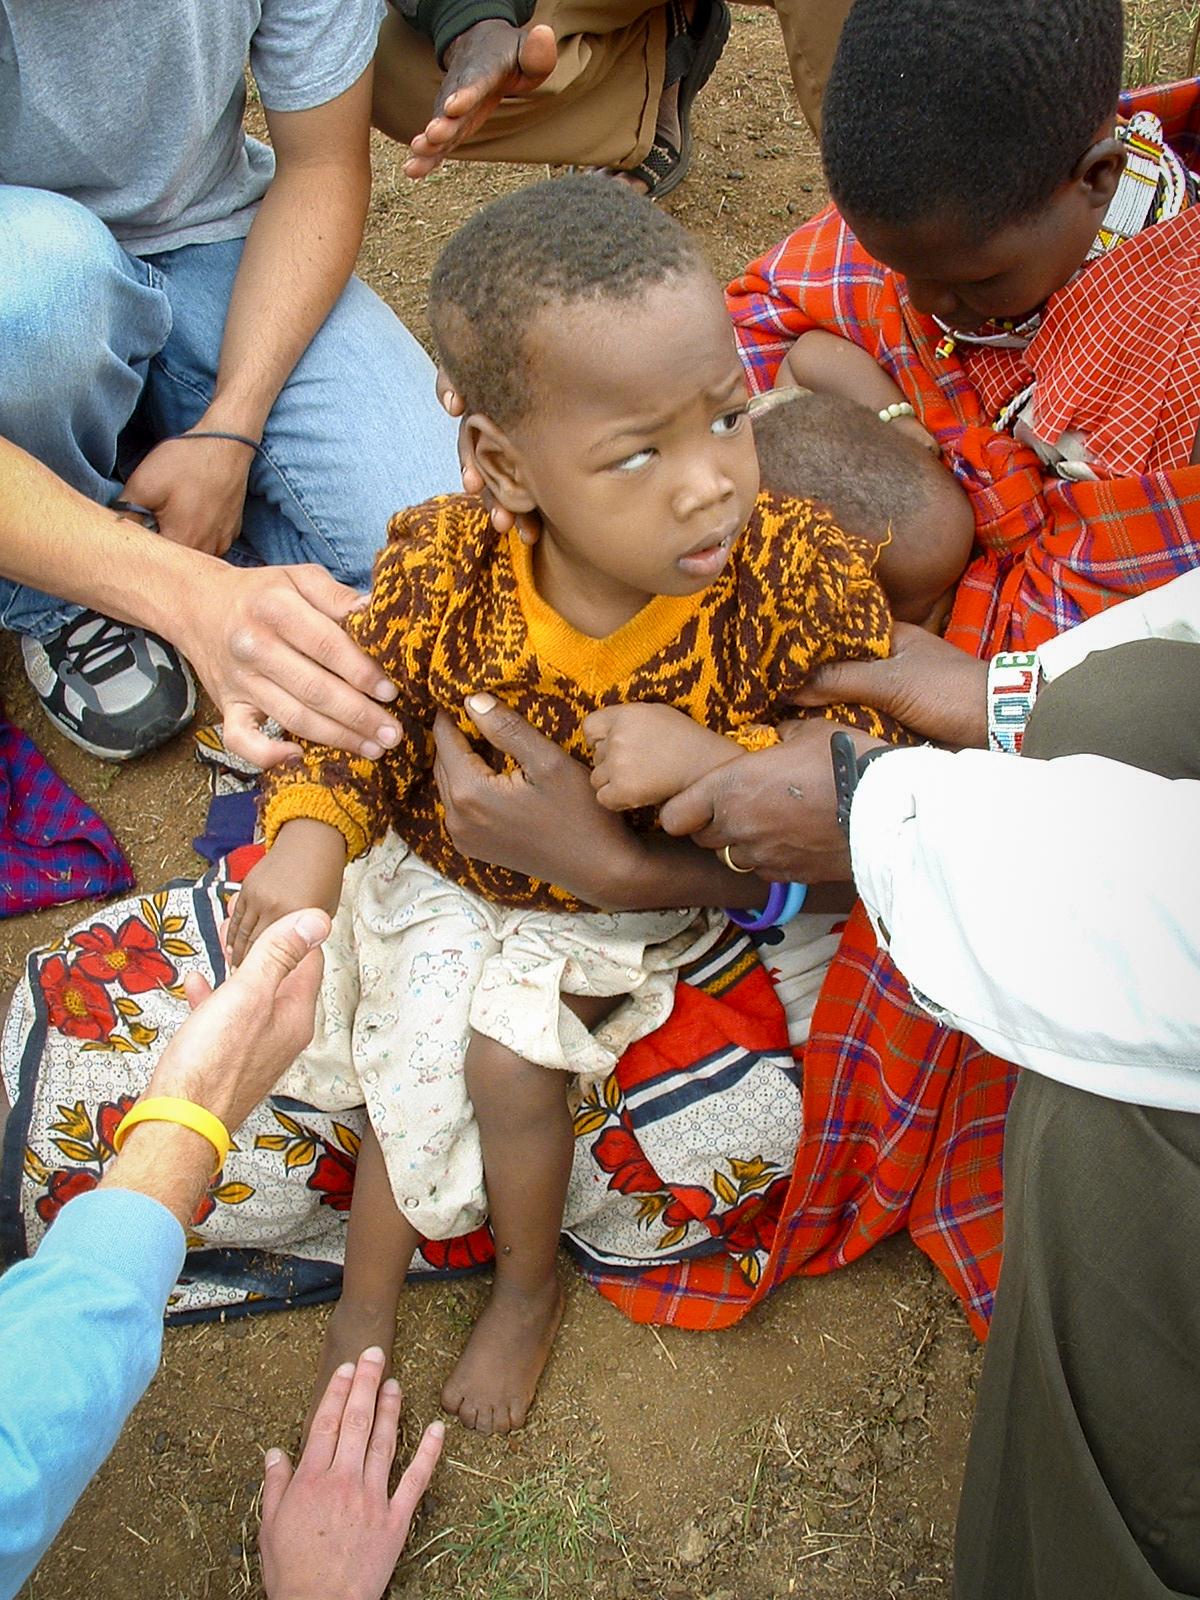 girl, hands, kenya, tanzania, africa, bless, wheelchair, disabled